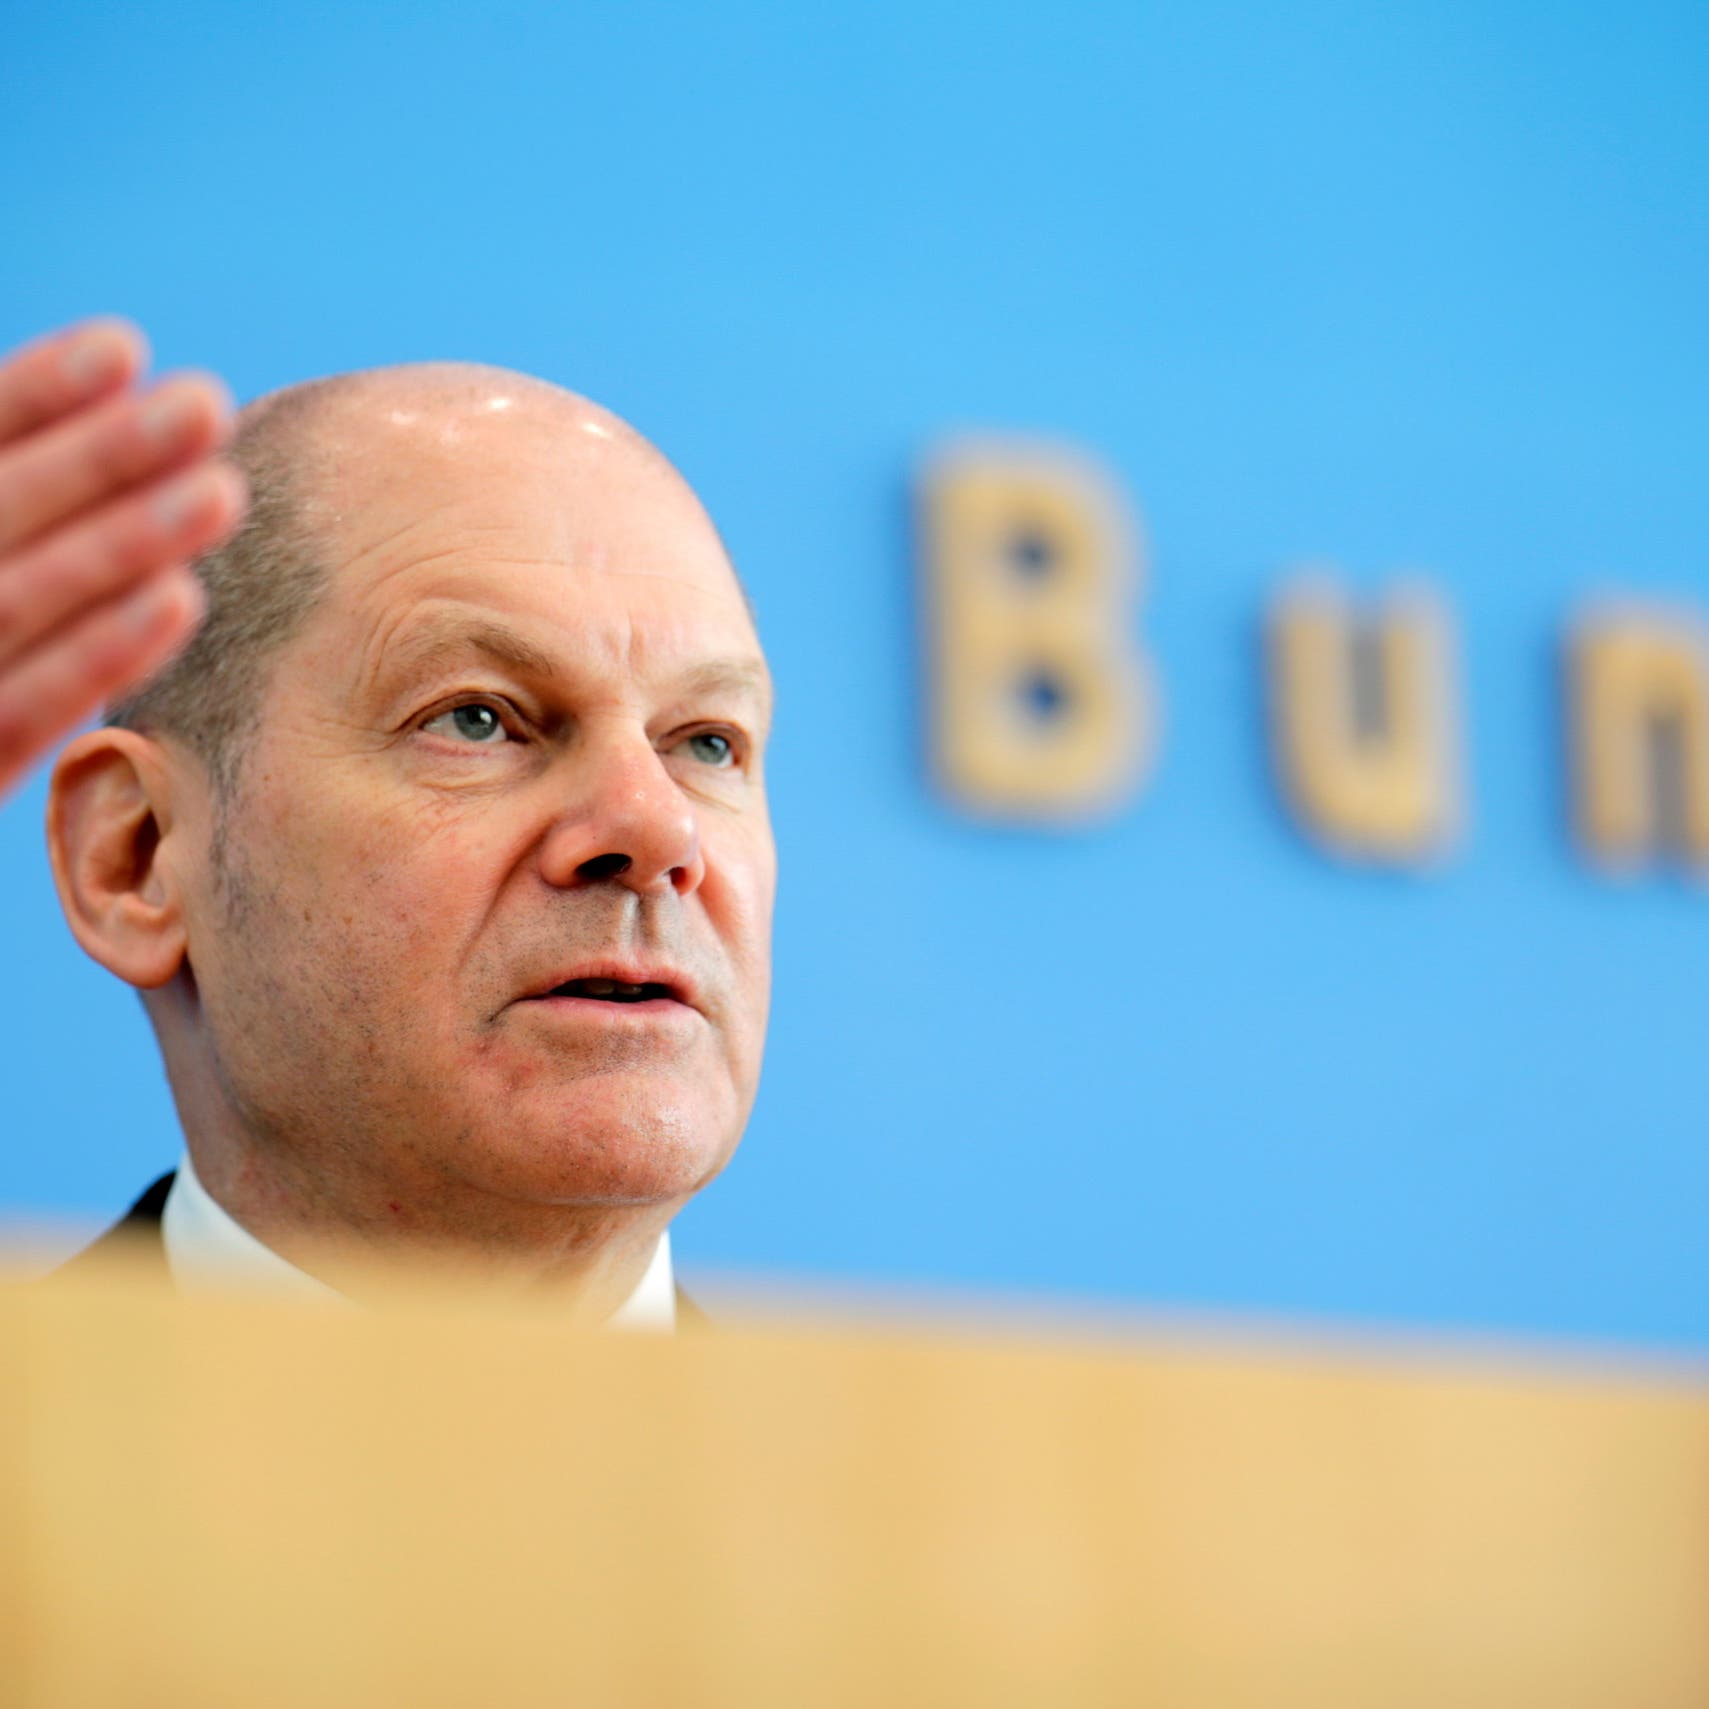 """ألمانيا متخوفة من التخلف عن الركب.. دعوة ملحة لإنشاء """"يورو رقمي"""""""